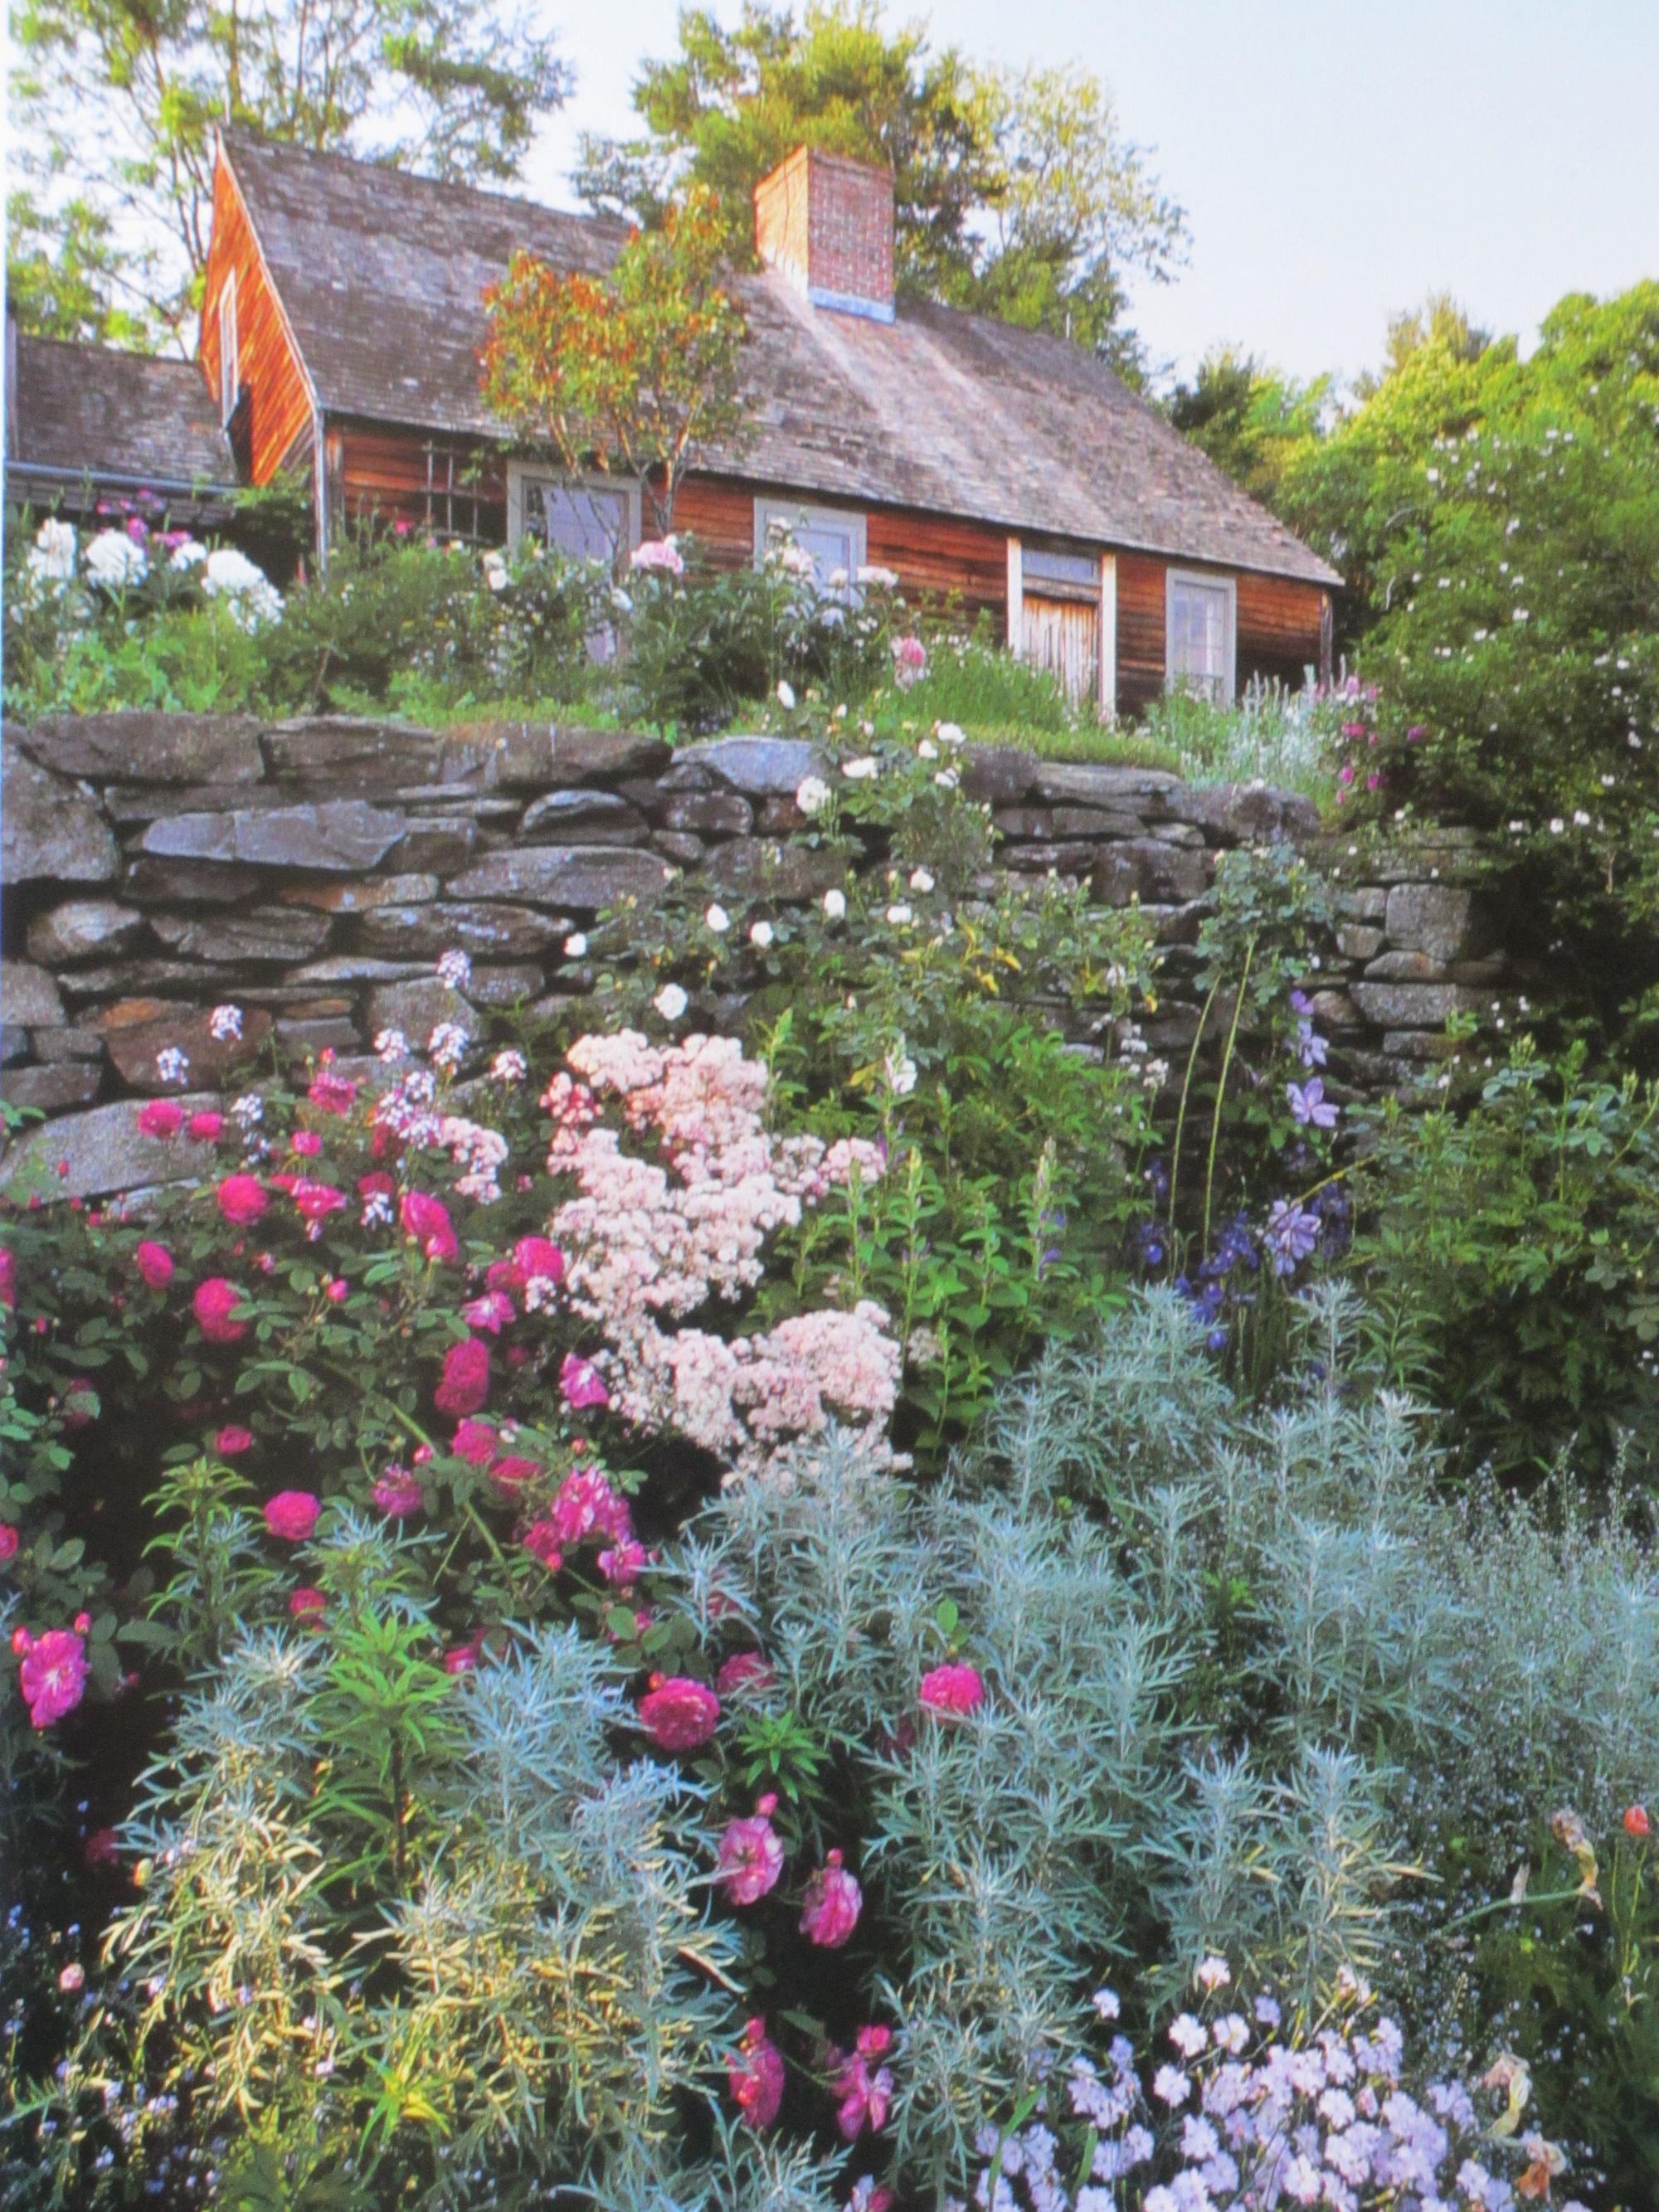 Cuộc sống an yên của cụ bà 92 tuổi bên khu vườn tự tay trồng hoa, rau quả ở vùng thôn quê - Ảnh 9.